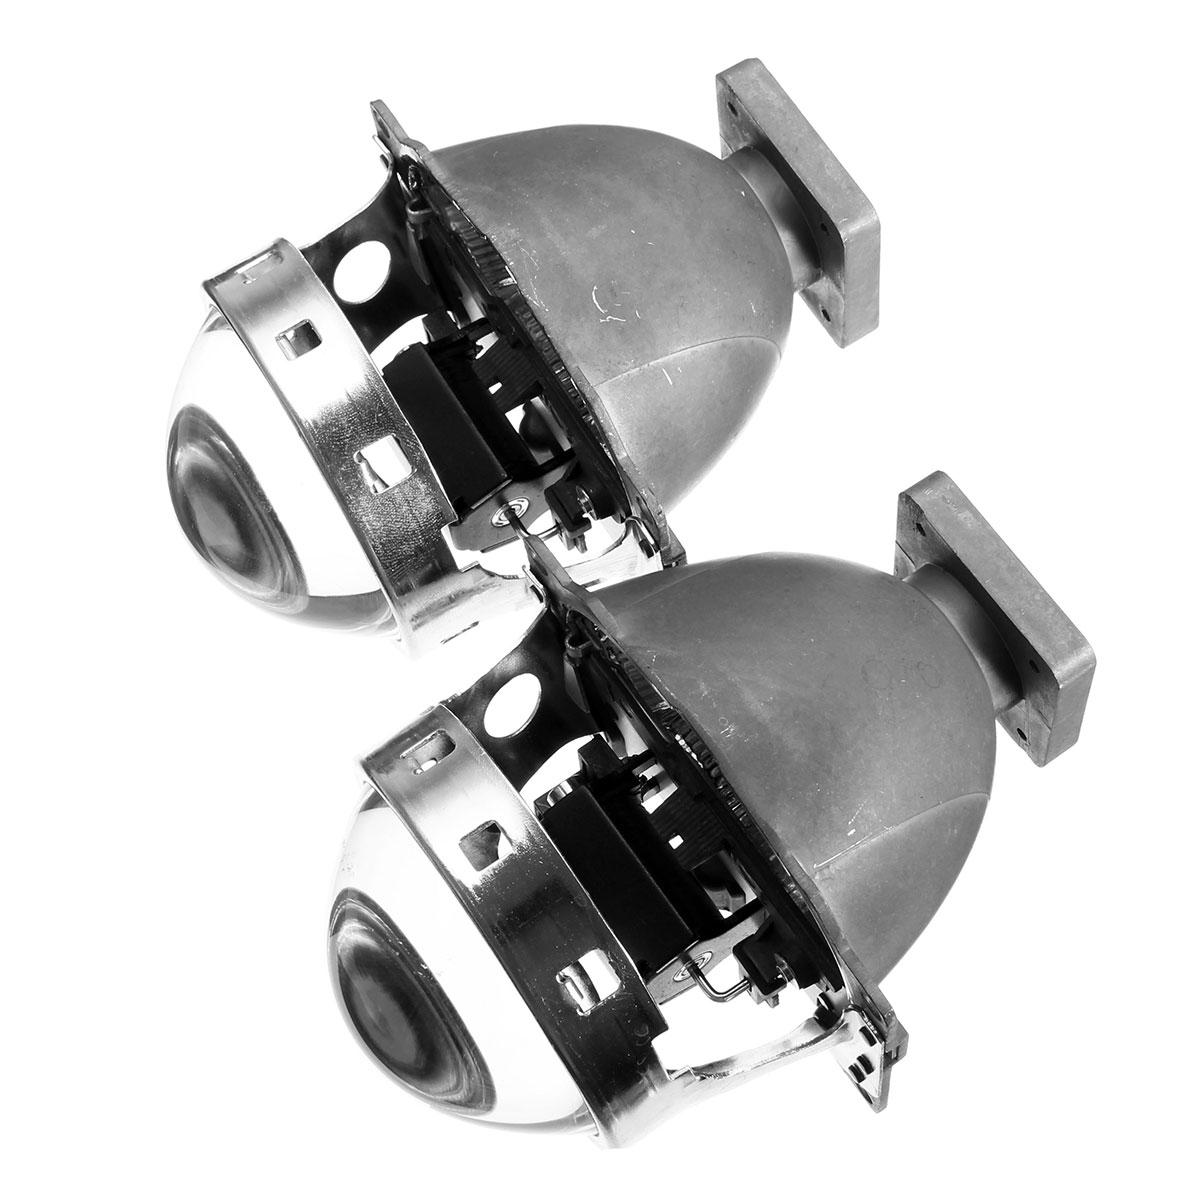 Bi Xenon Projektorobjektiv LHD für Auto Scheinwerfer 3,0 Koito Q5 35 Watt Verwenden Können mit D1S D2S D2H D3S D4S